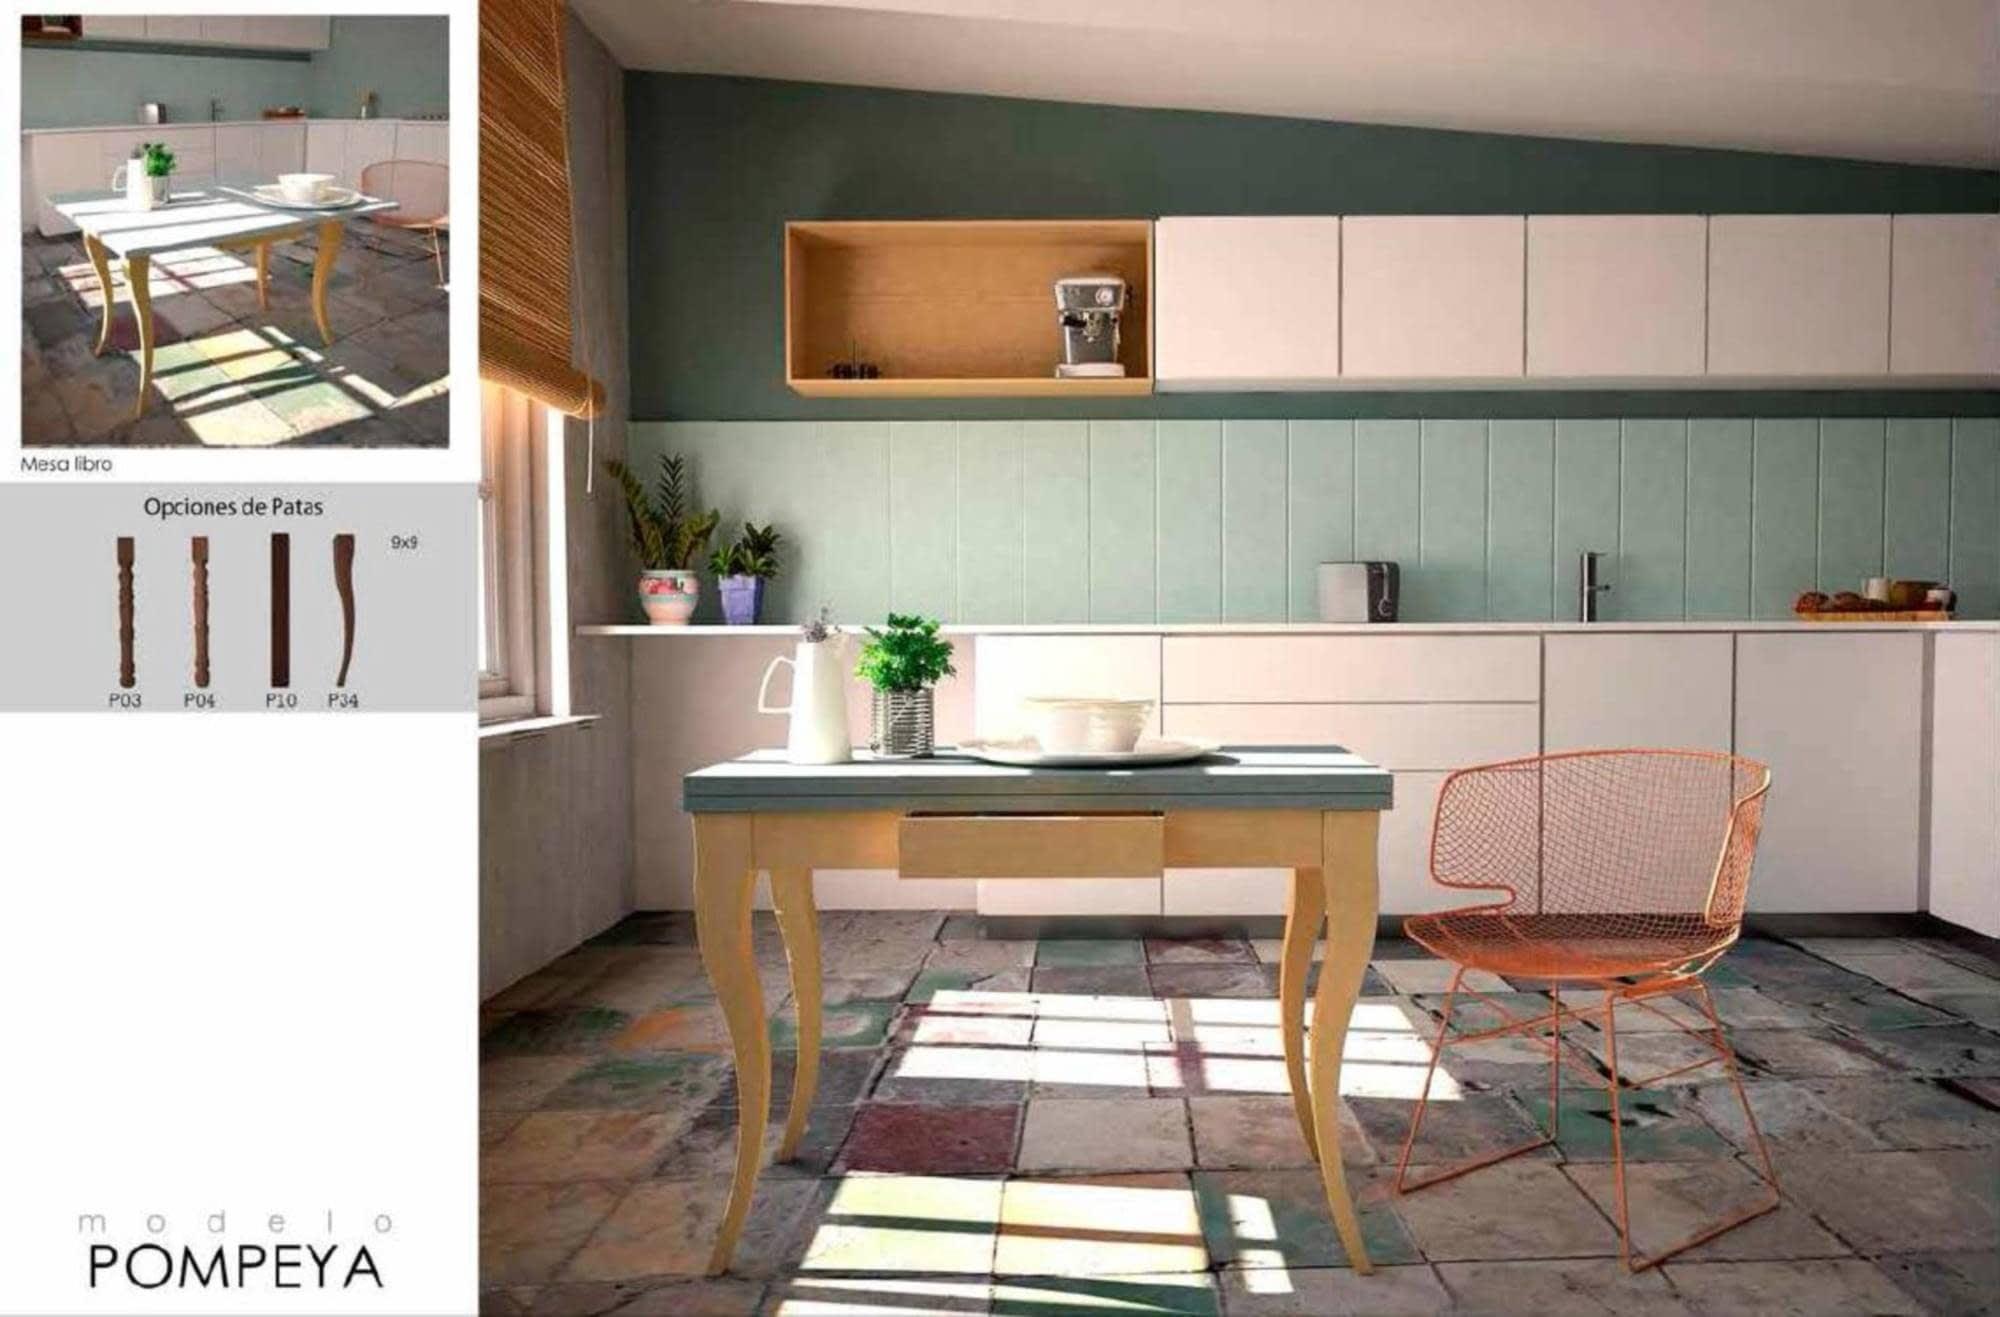 Mesas | Muebles Bazán | Tienda de muebles en Prado del Rey